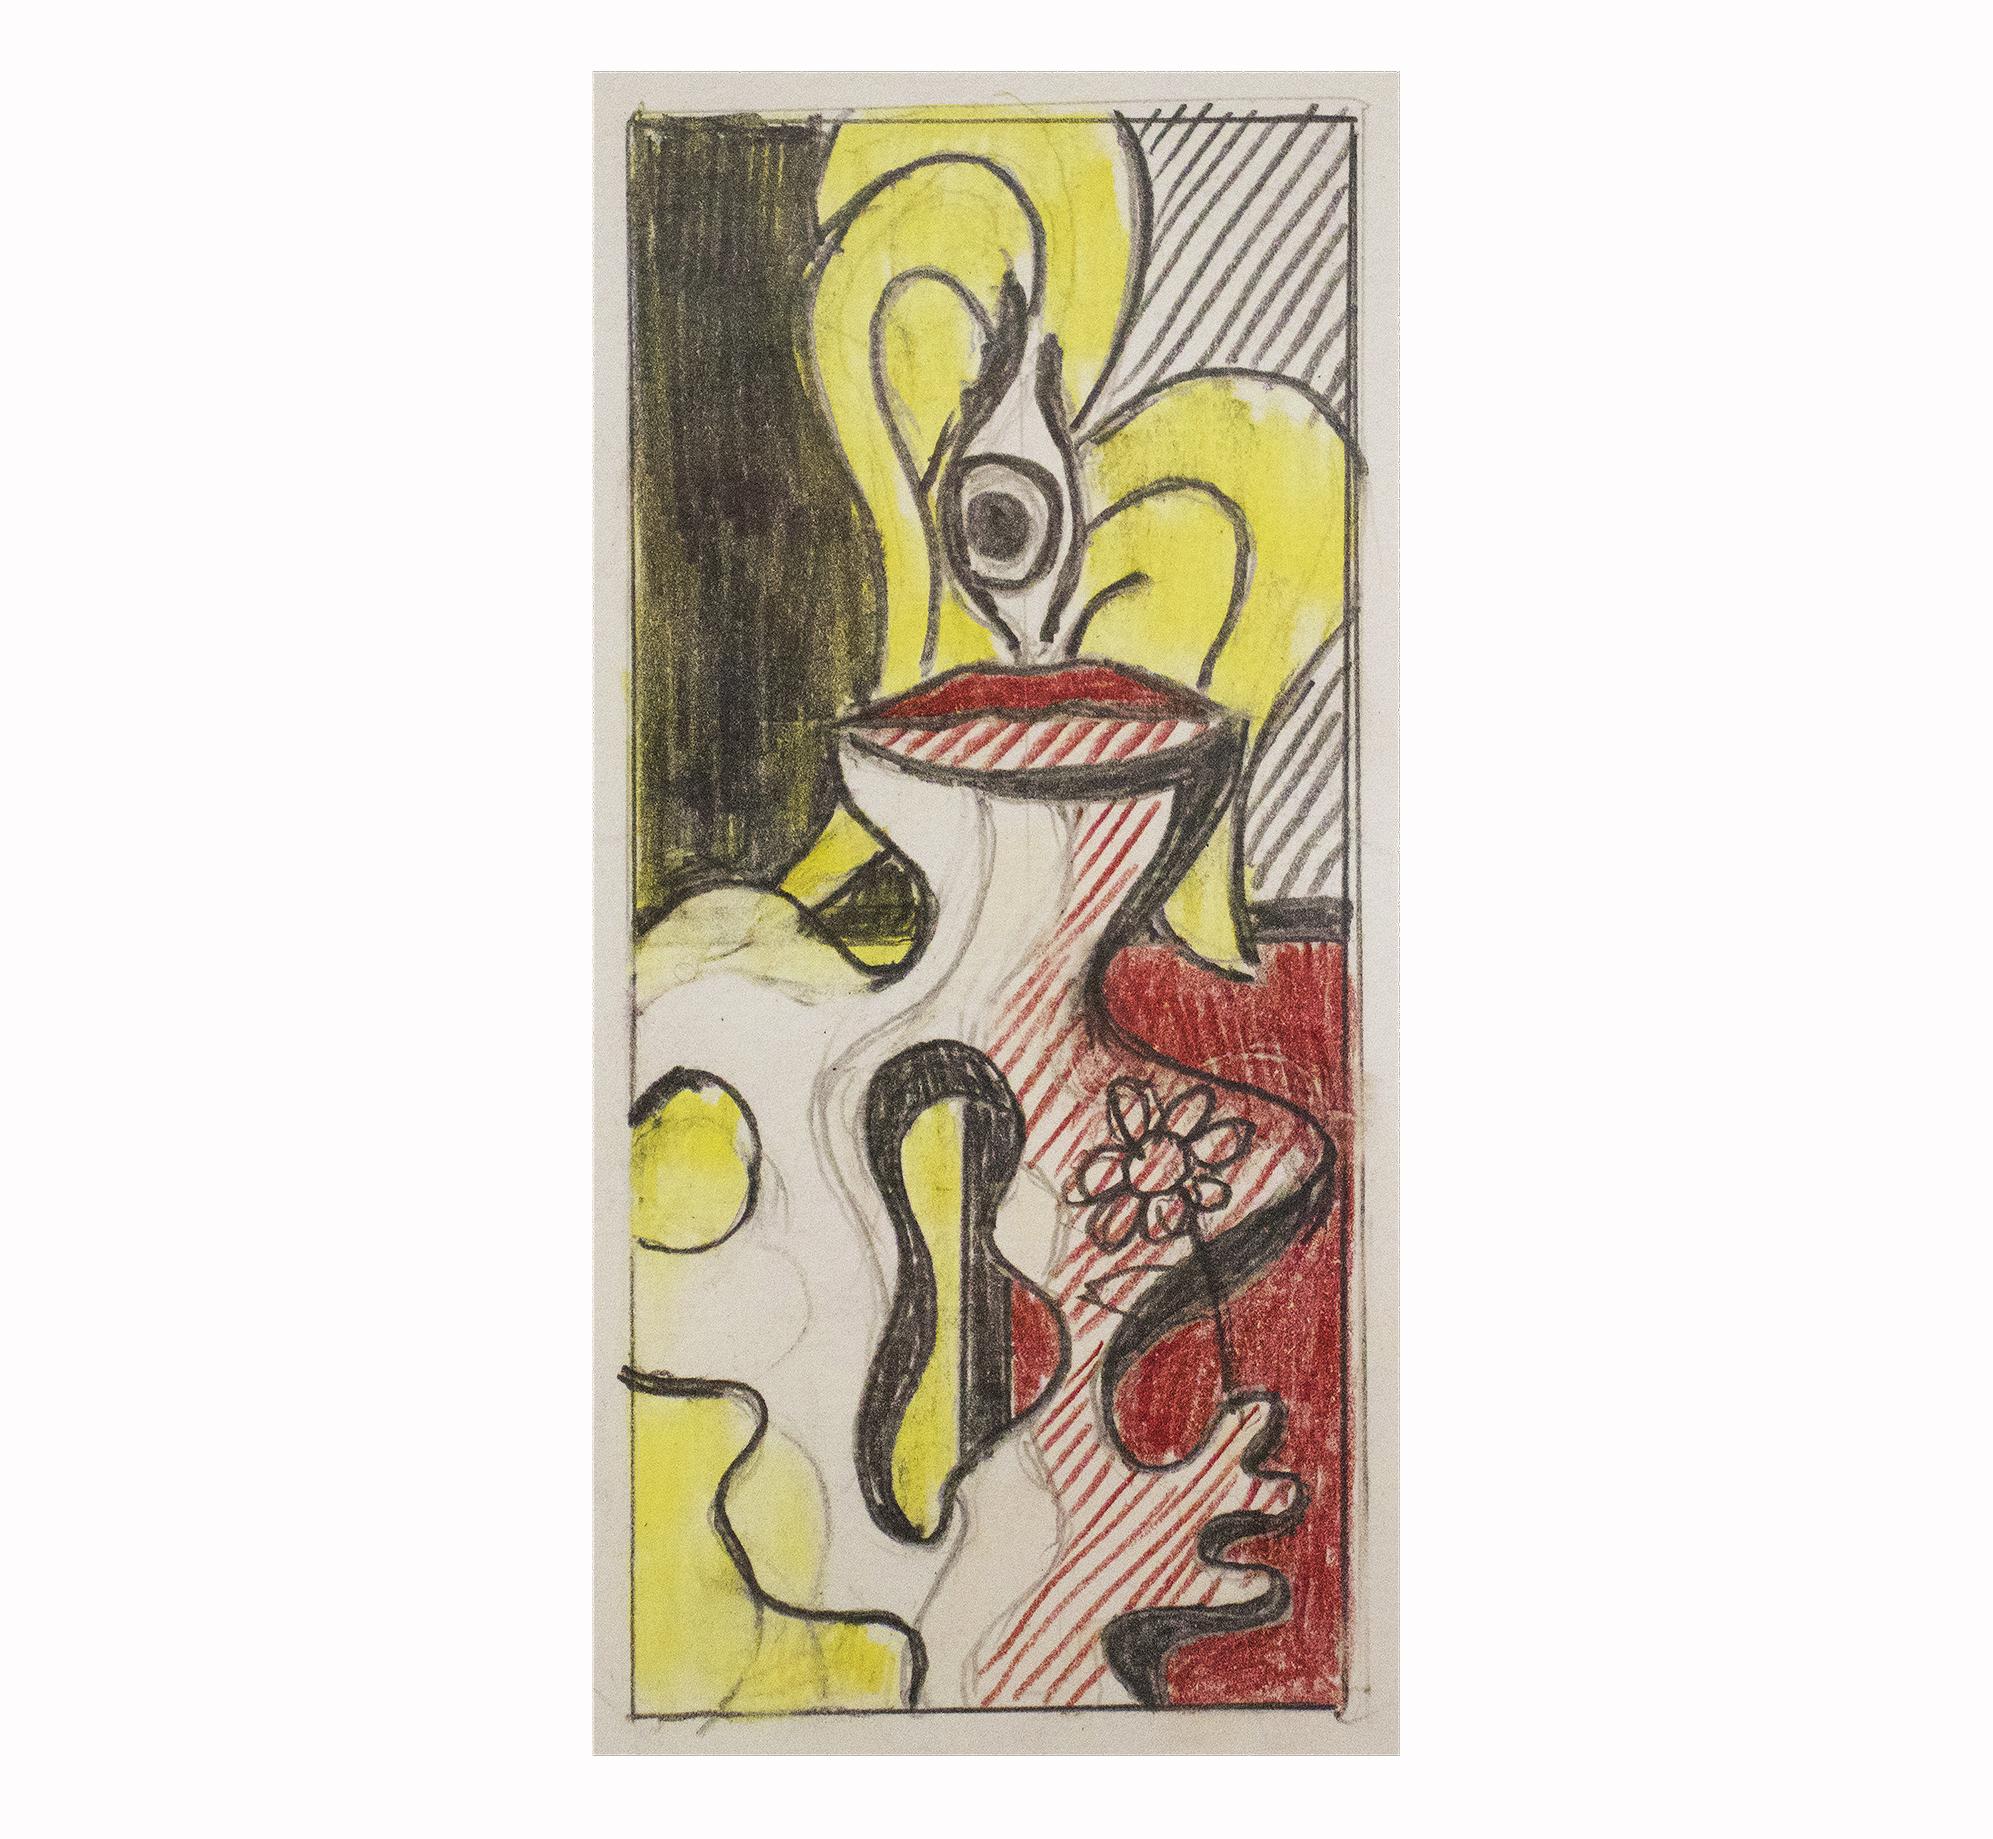 Roy Lichtenstein drawing of woman holding flower